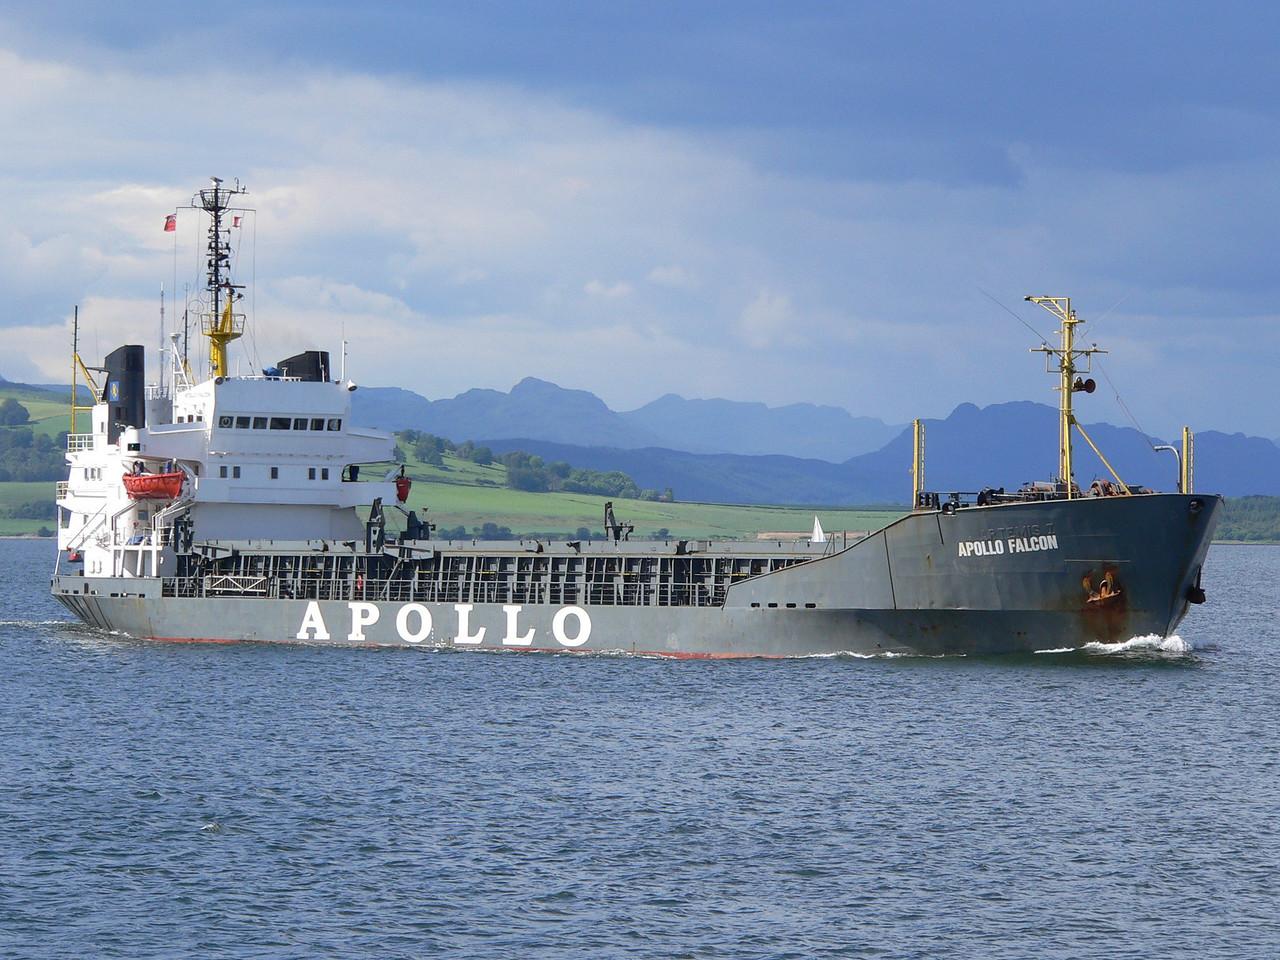 APOLLO FALCON